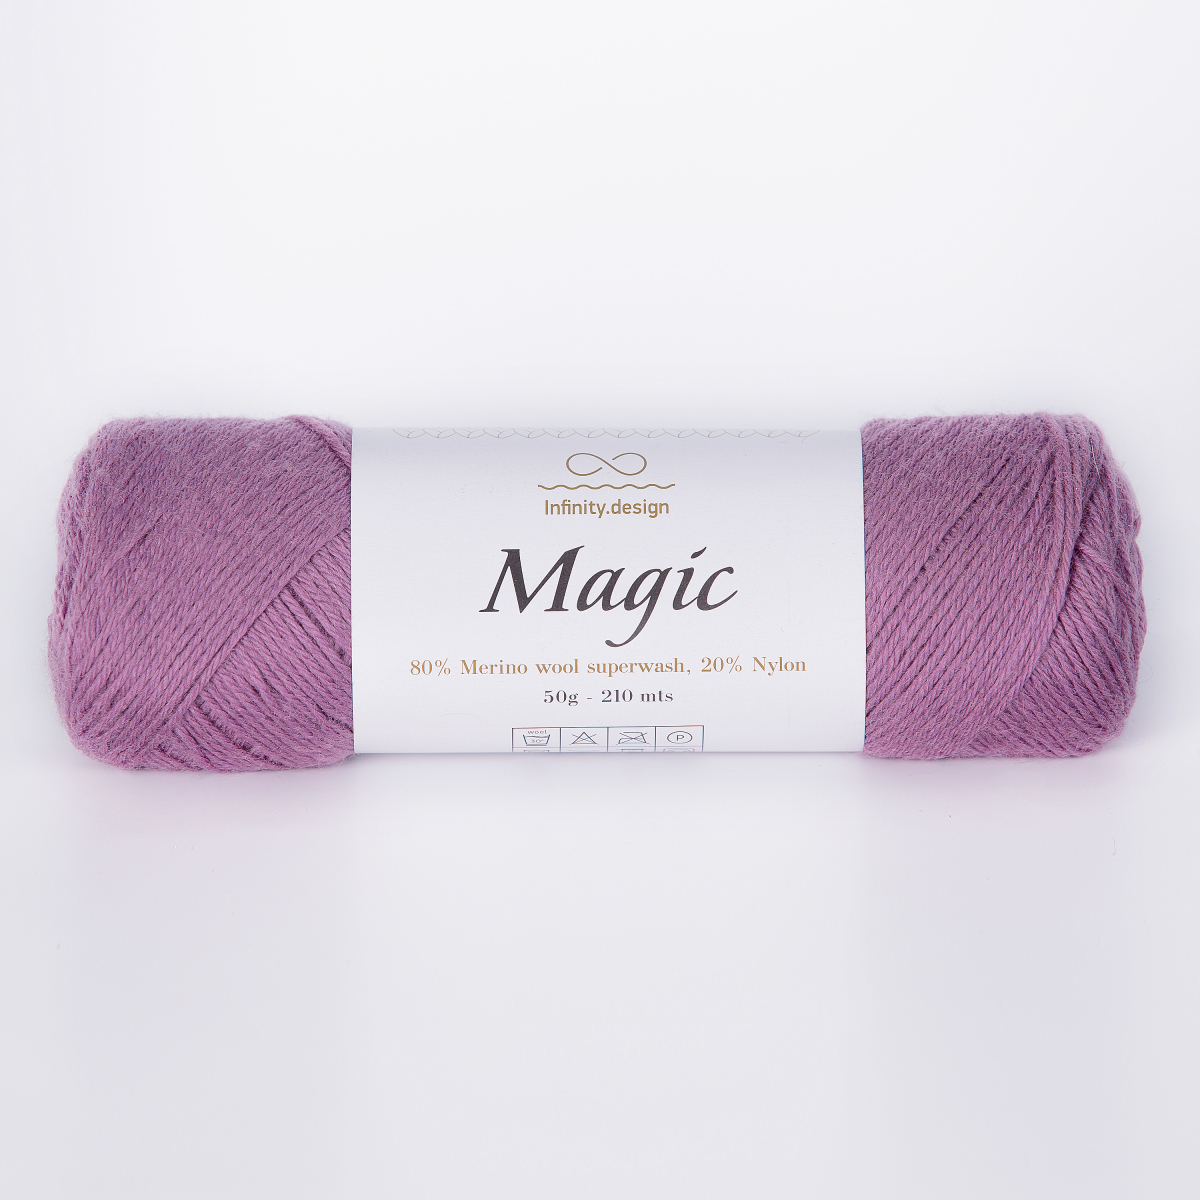 Пряжа Infinity Magic 4622 светлый вереск